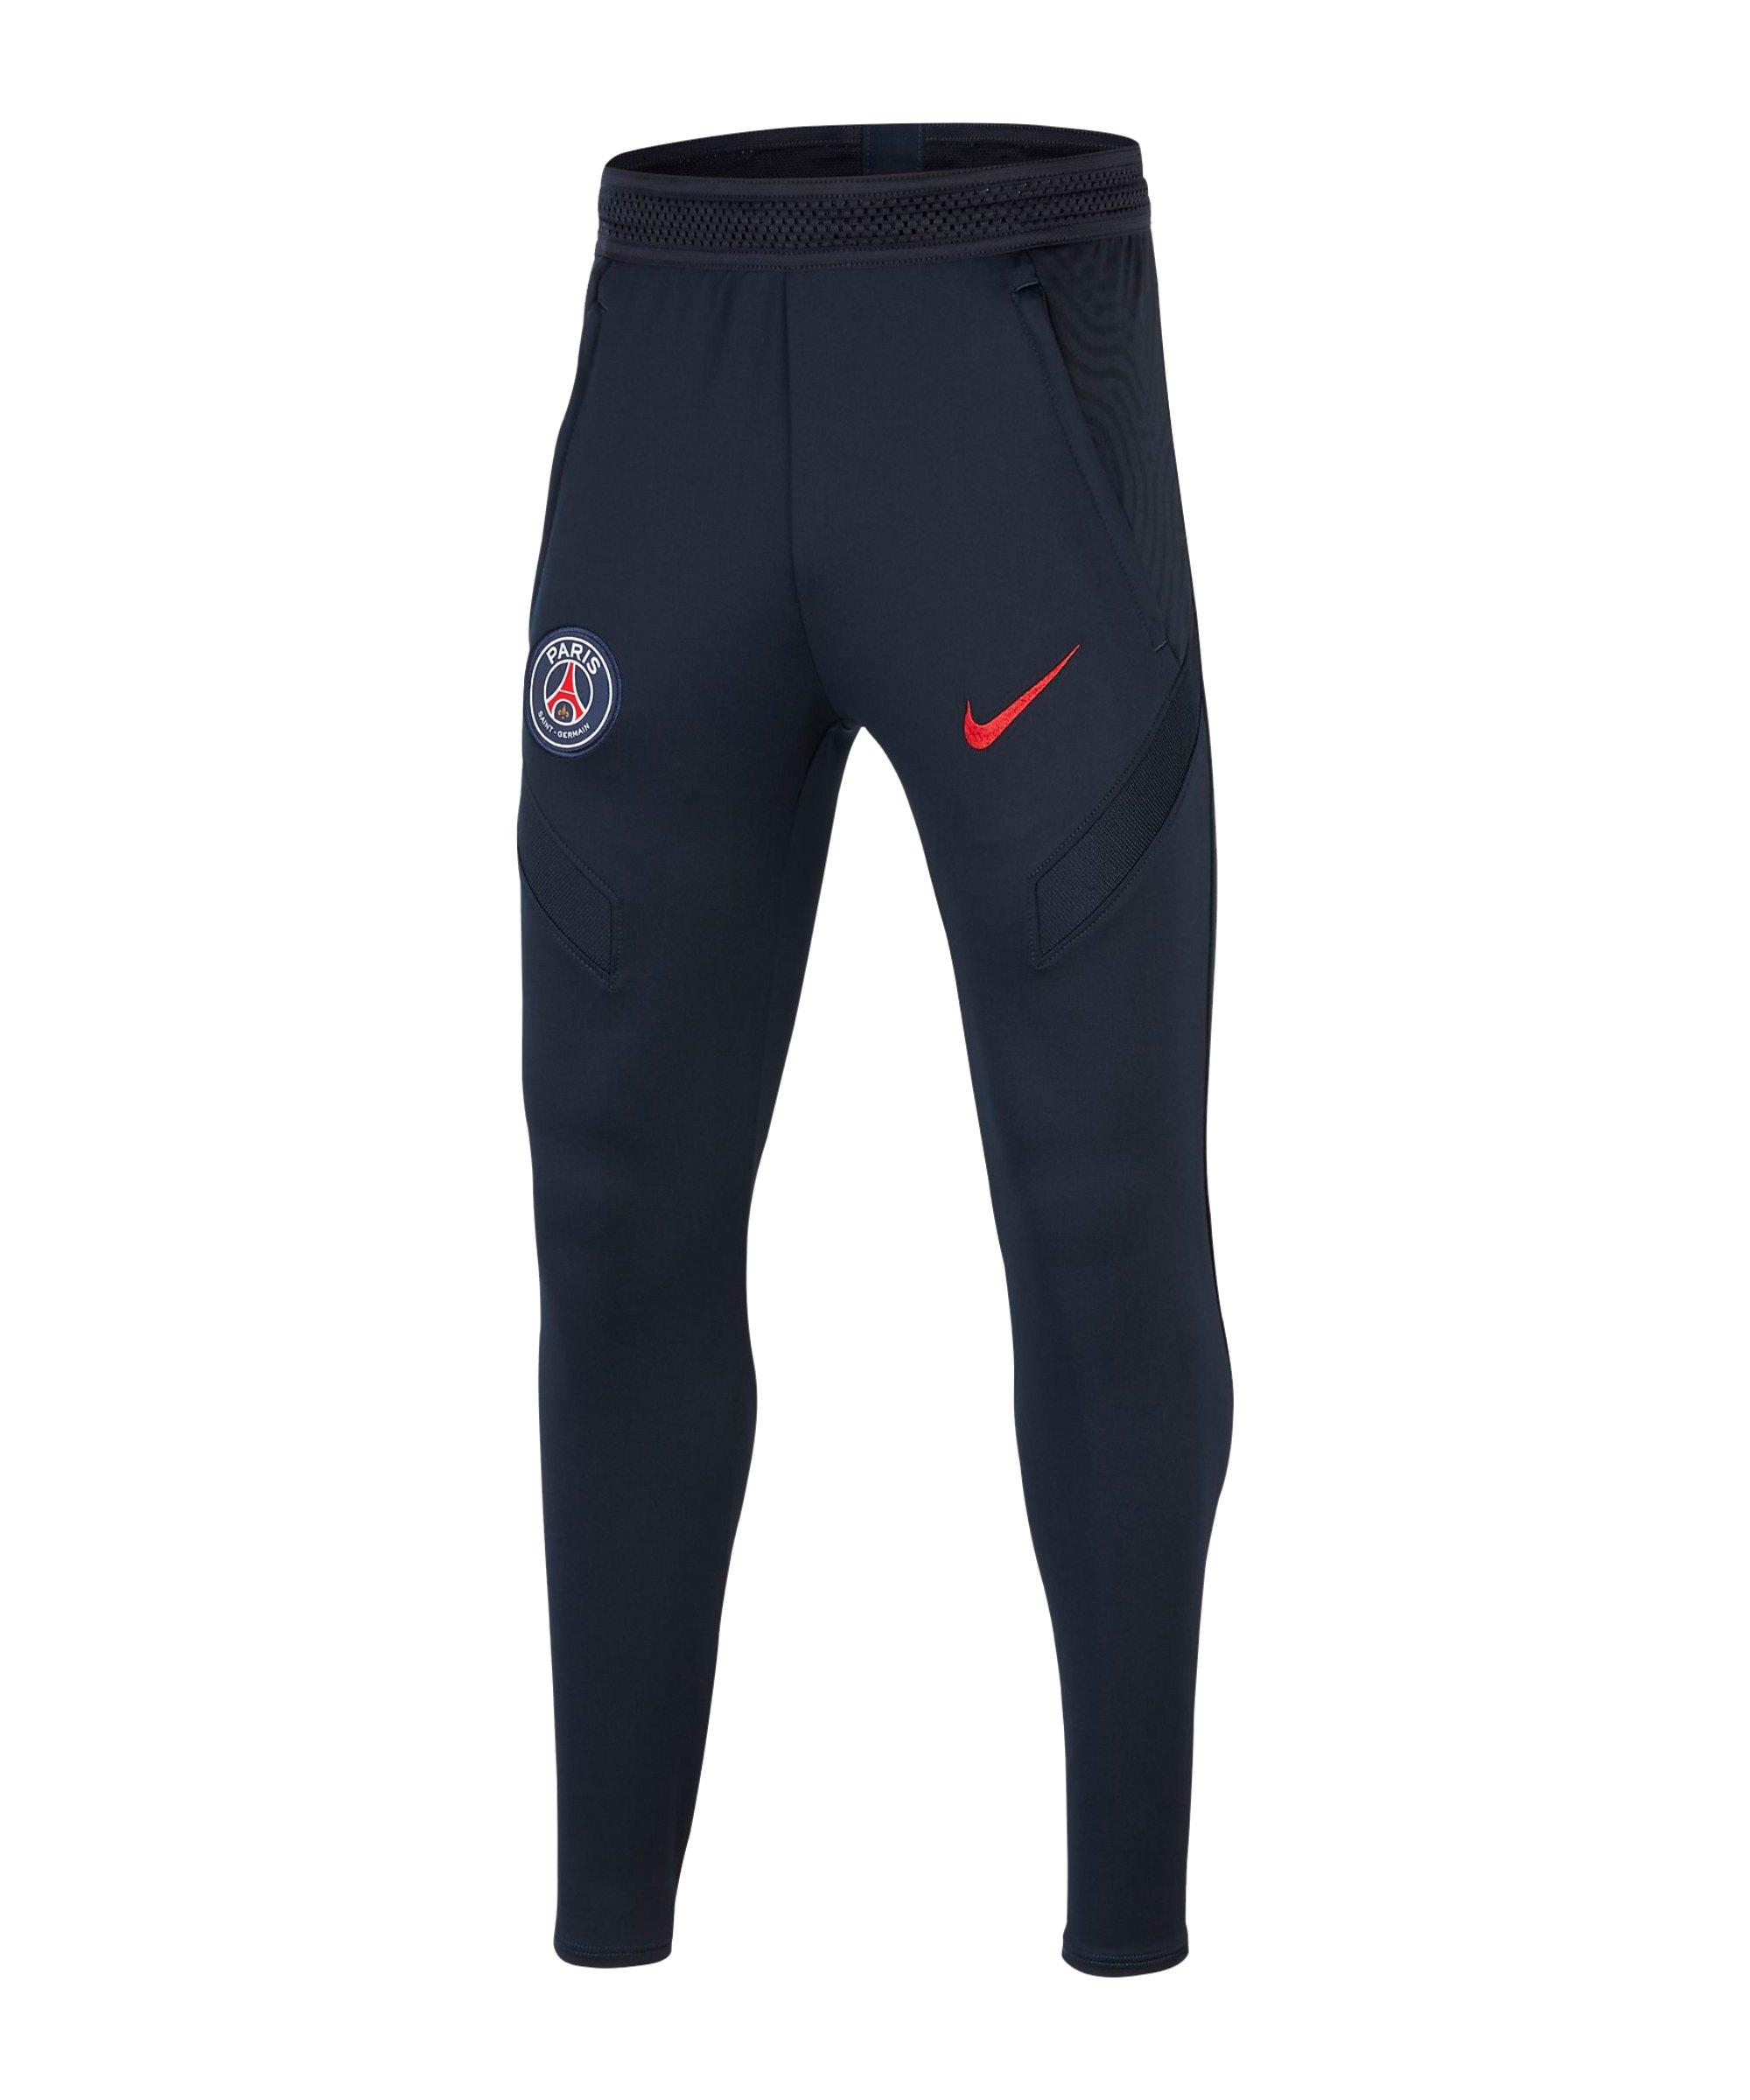 Nike Paris St. Germain Dry Strike Pant Hose F476 - schwarz